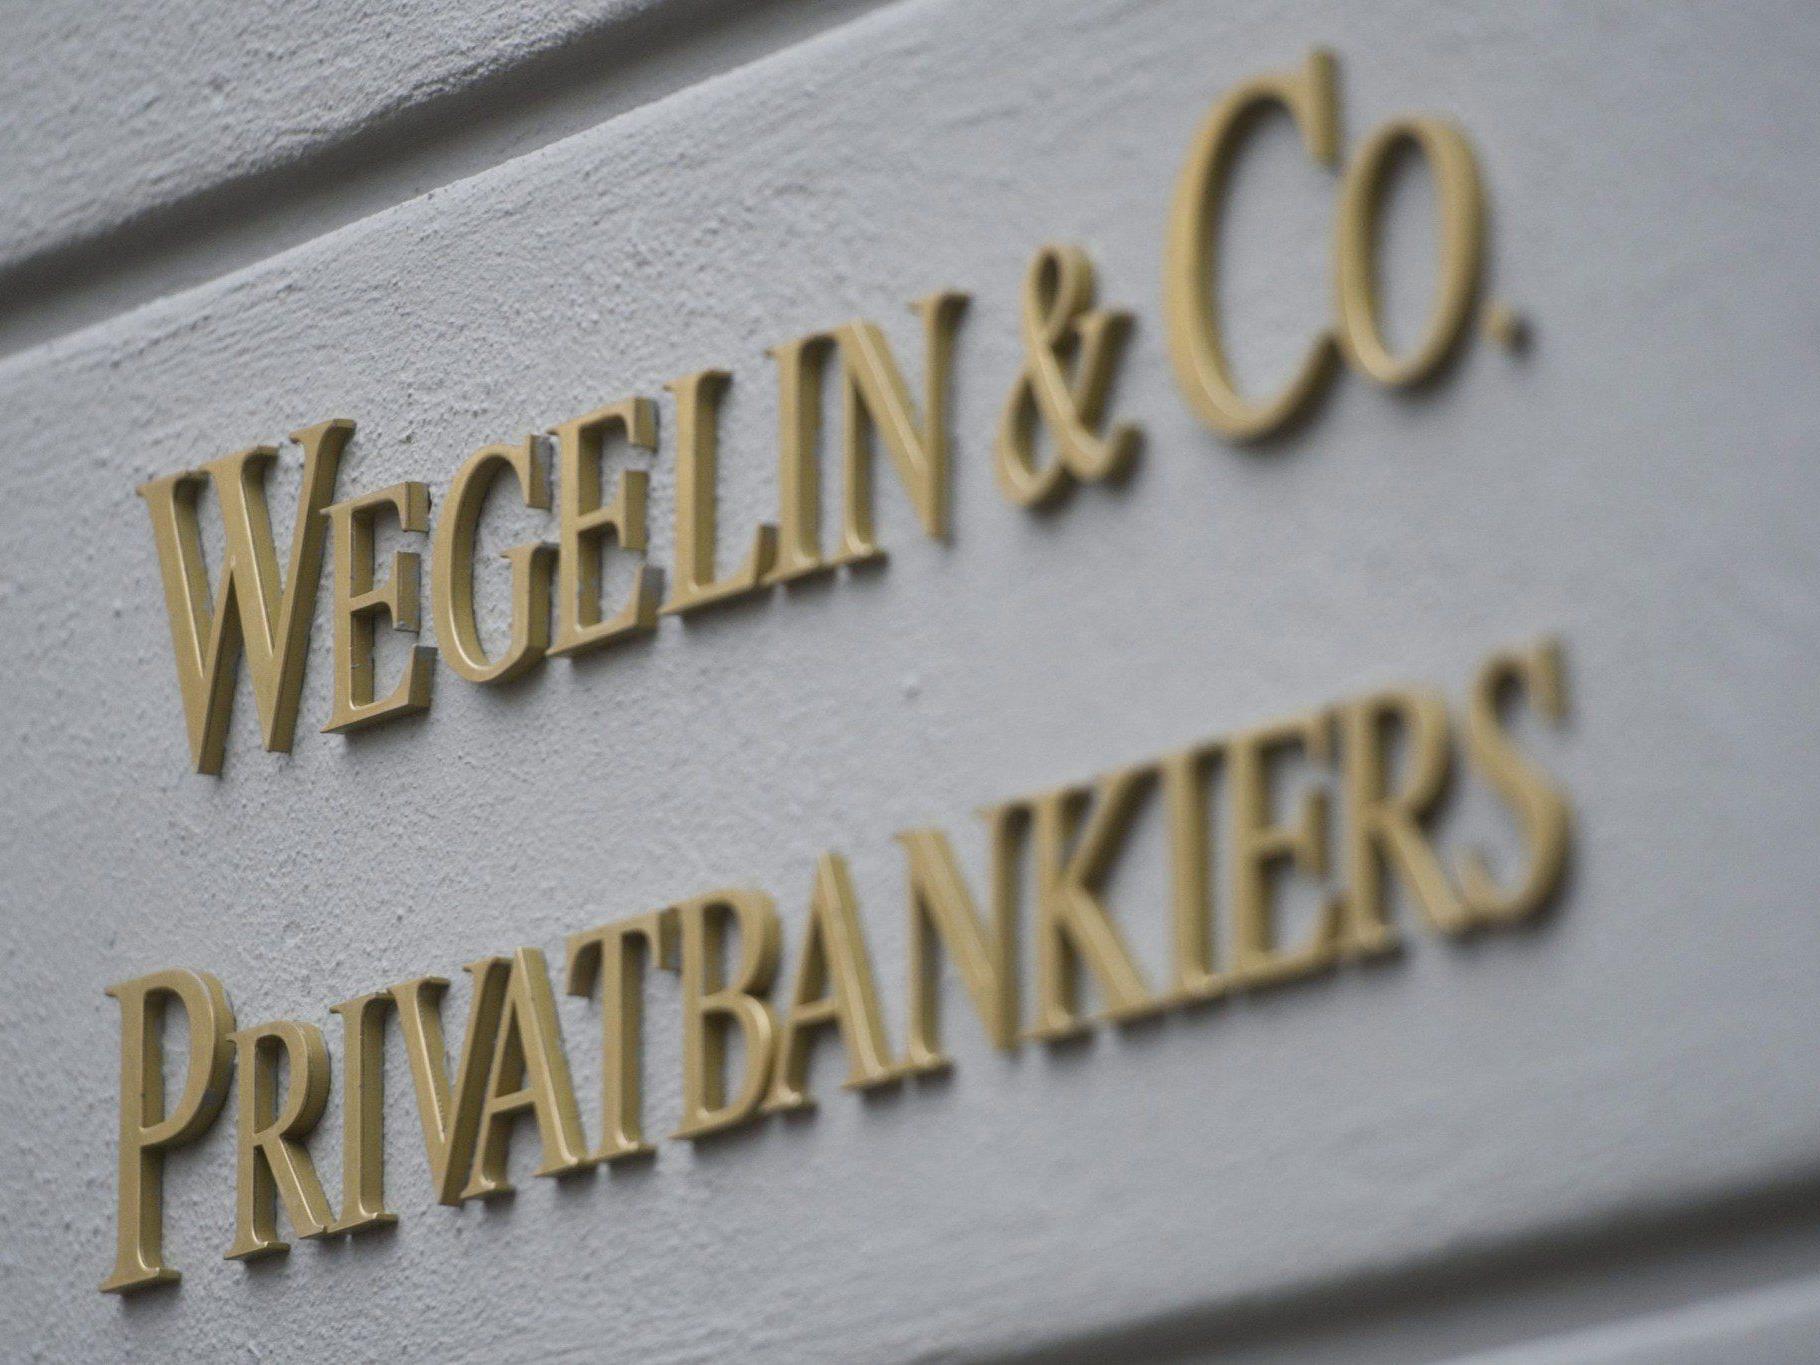 Wegelin muss insgesamt 74 Millionen Dollar berappen.